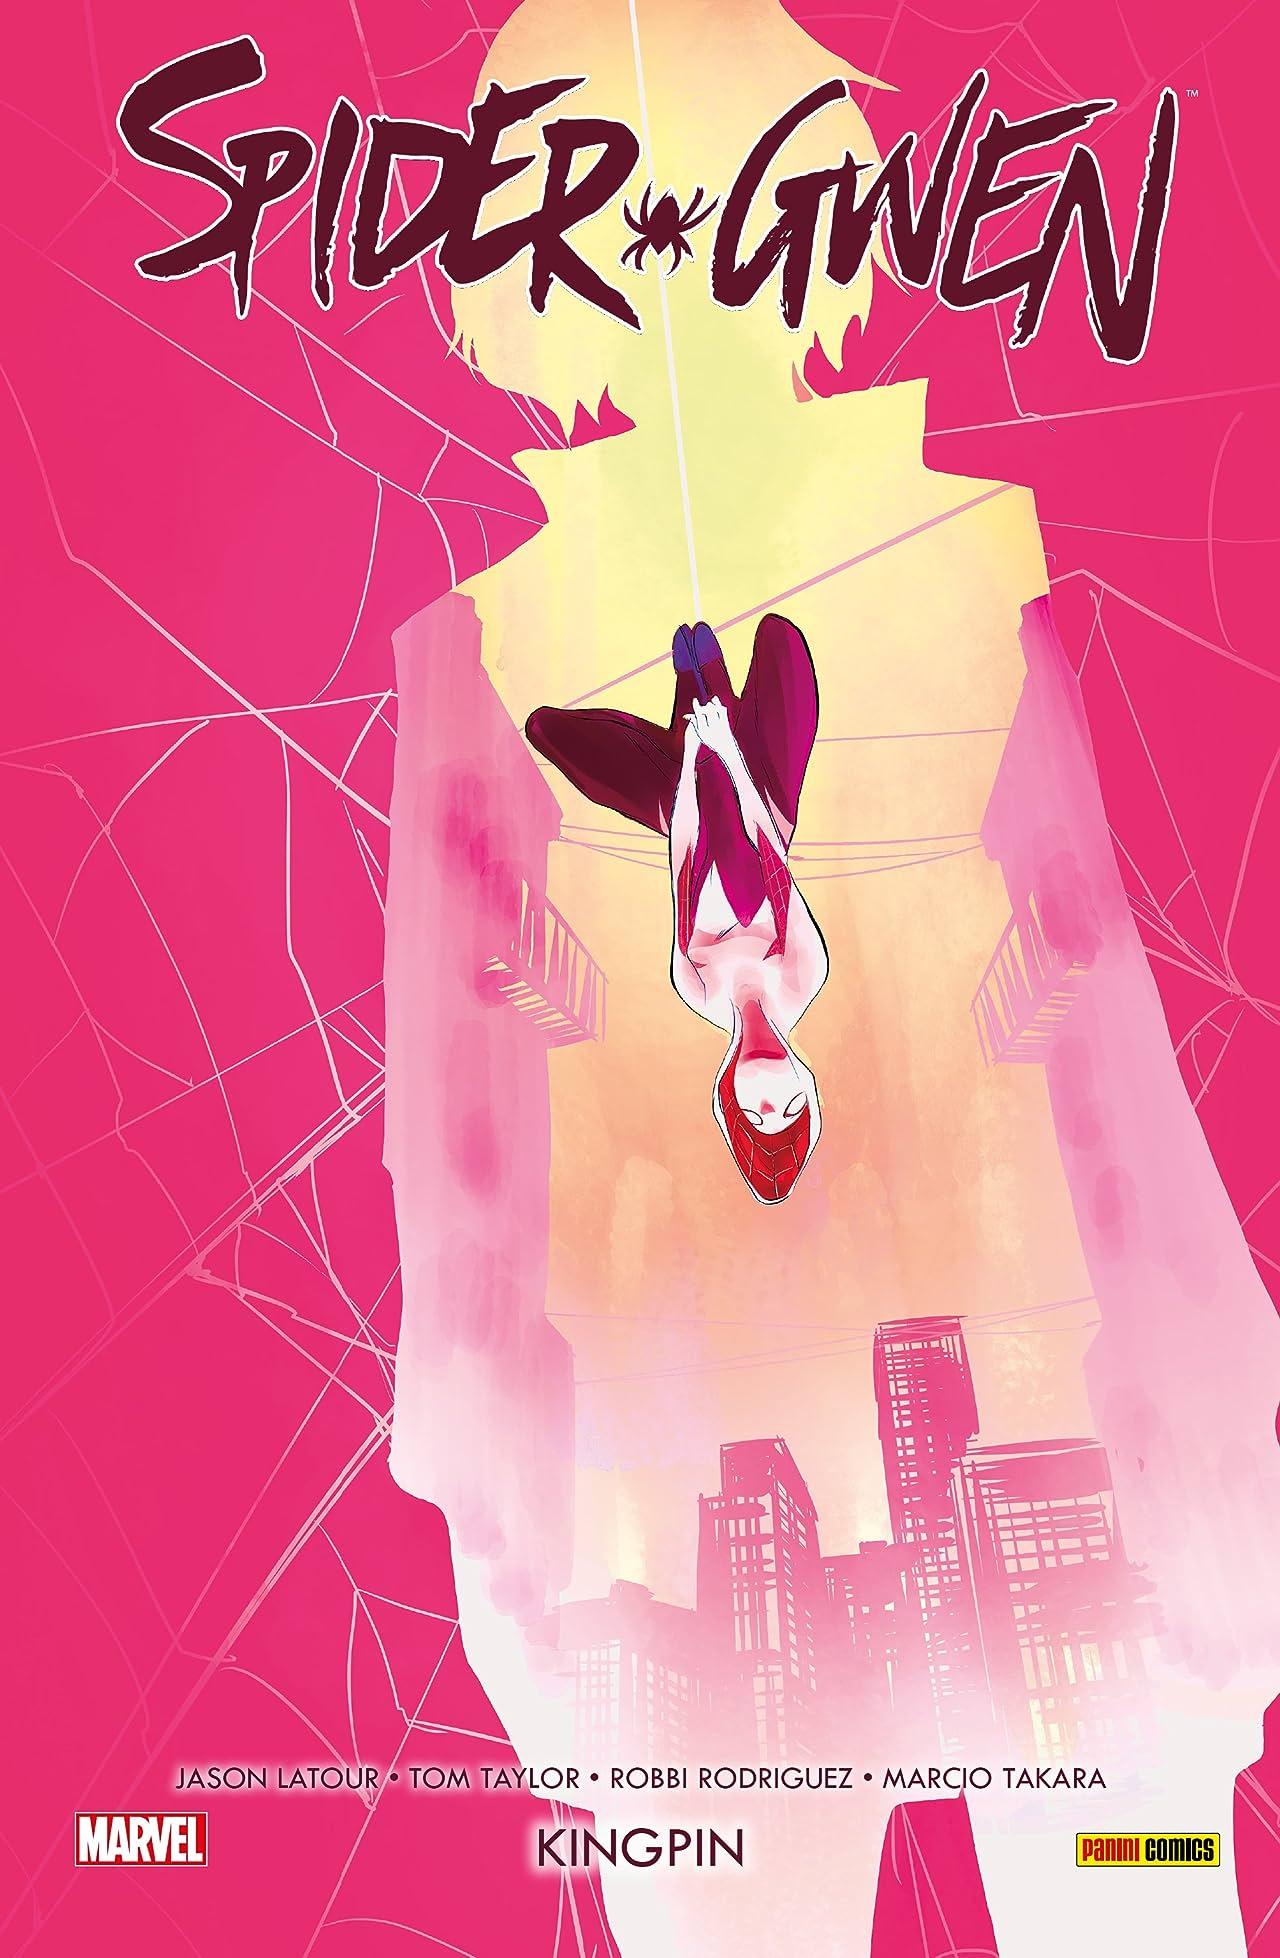 Spider-Gwen Vol. 4: Kingpin